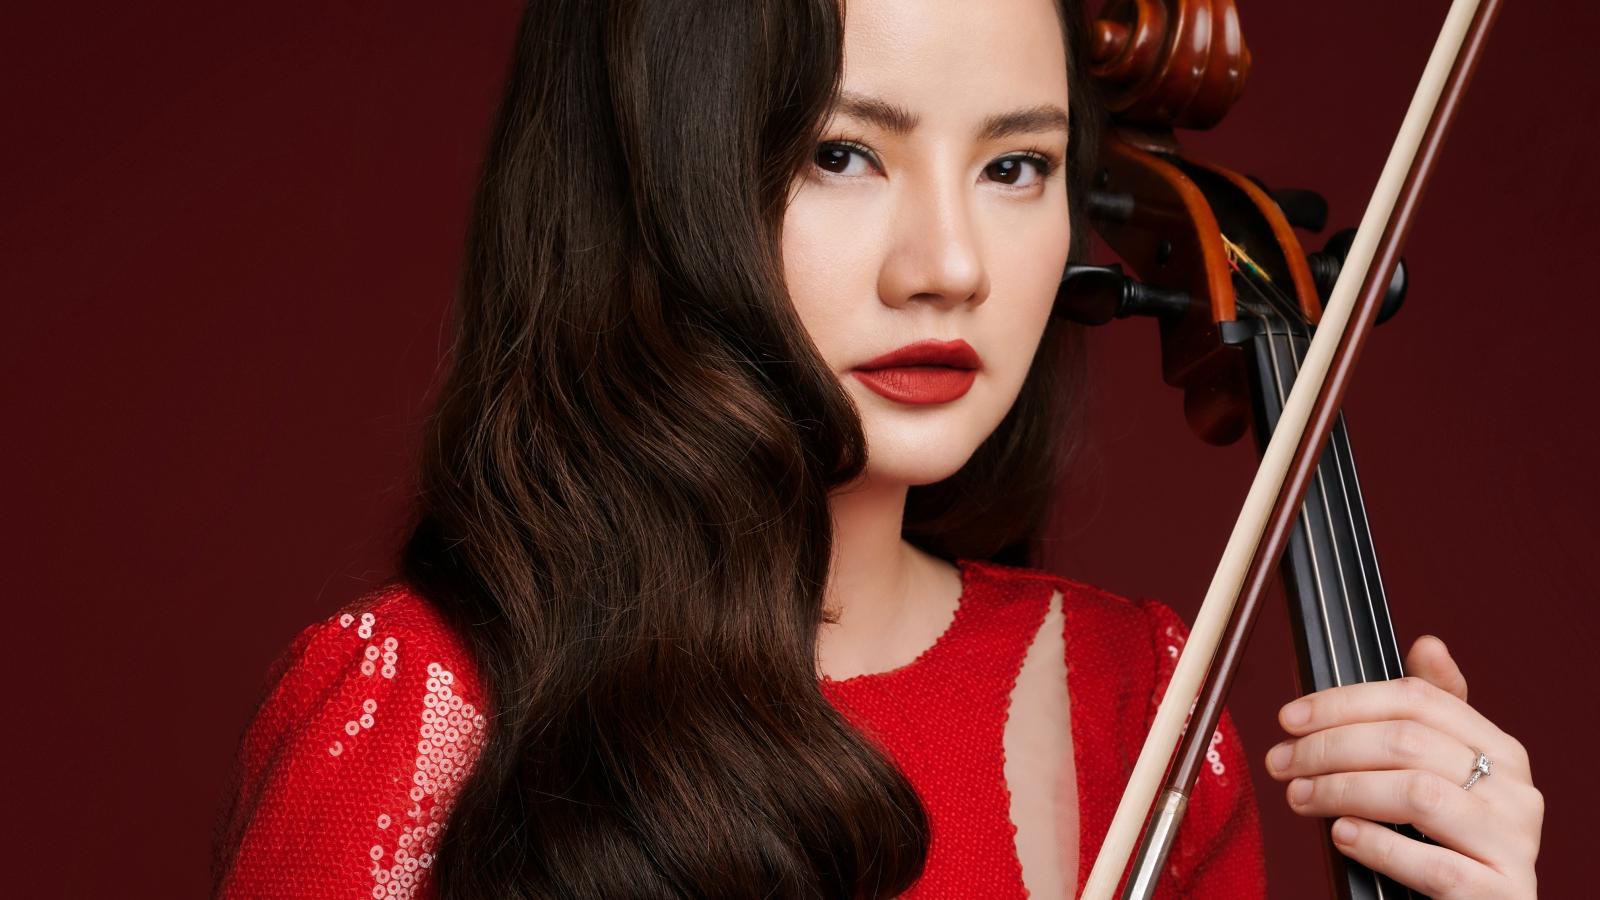 Nghệ sĩ cello Hà Miên thực hiện album cổ điển đầu tay khi chỉ còn 7 ngày visa ở Hà Lan